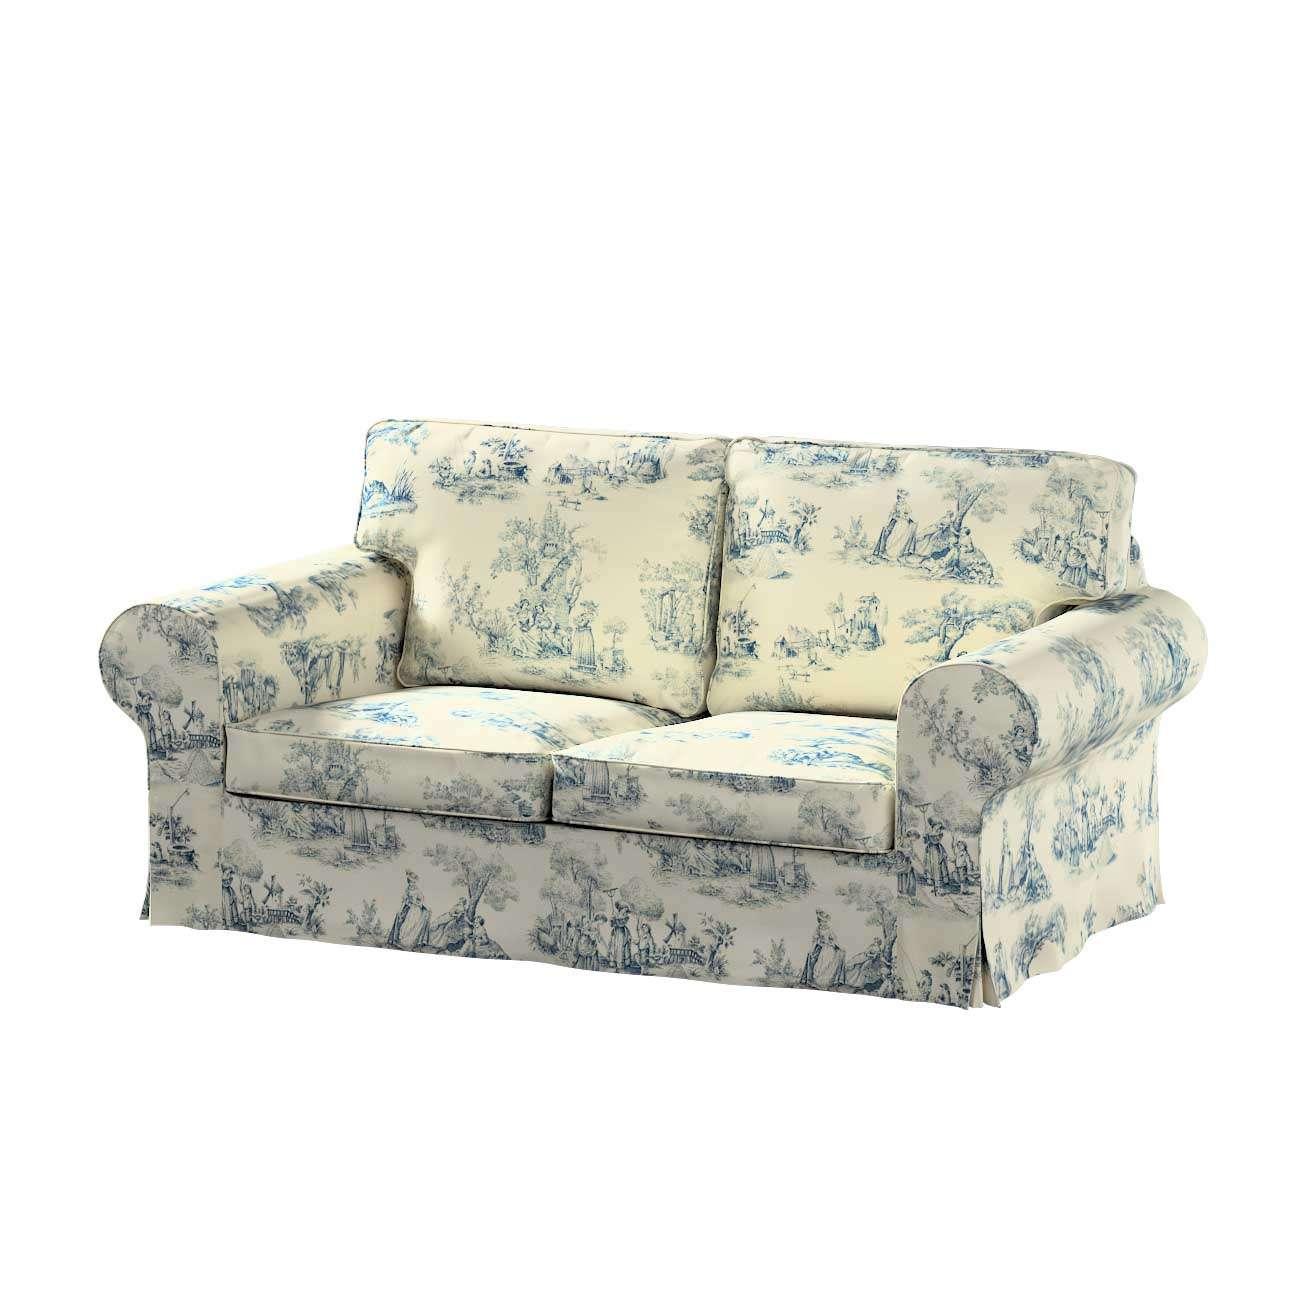 Pokrowiec na sofę Ektorp 2-osobową, nierozkładaną w kolekcji Avinon, tkanina: 132-66